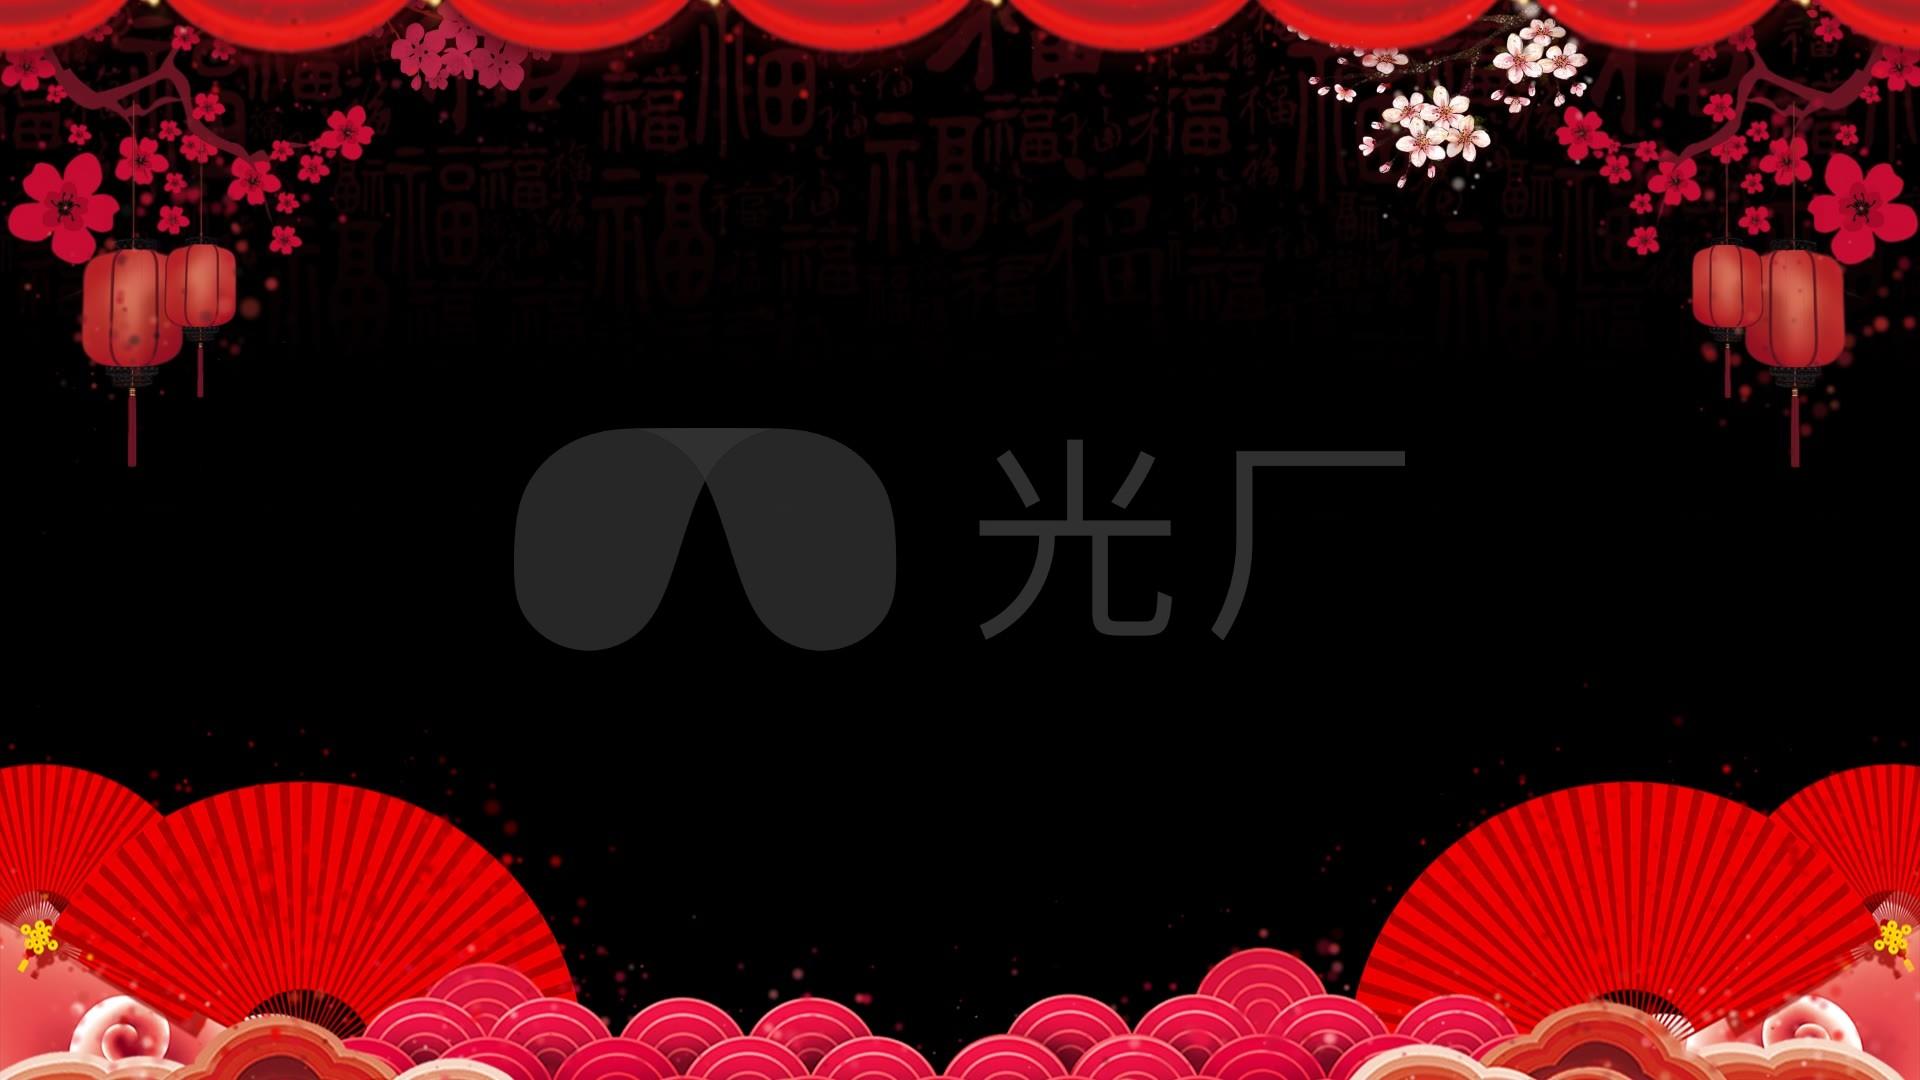 春节喜庆边框拜年视频梅花灯笼_1920x1080_高清视频